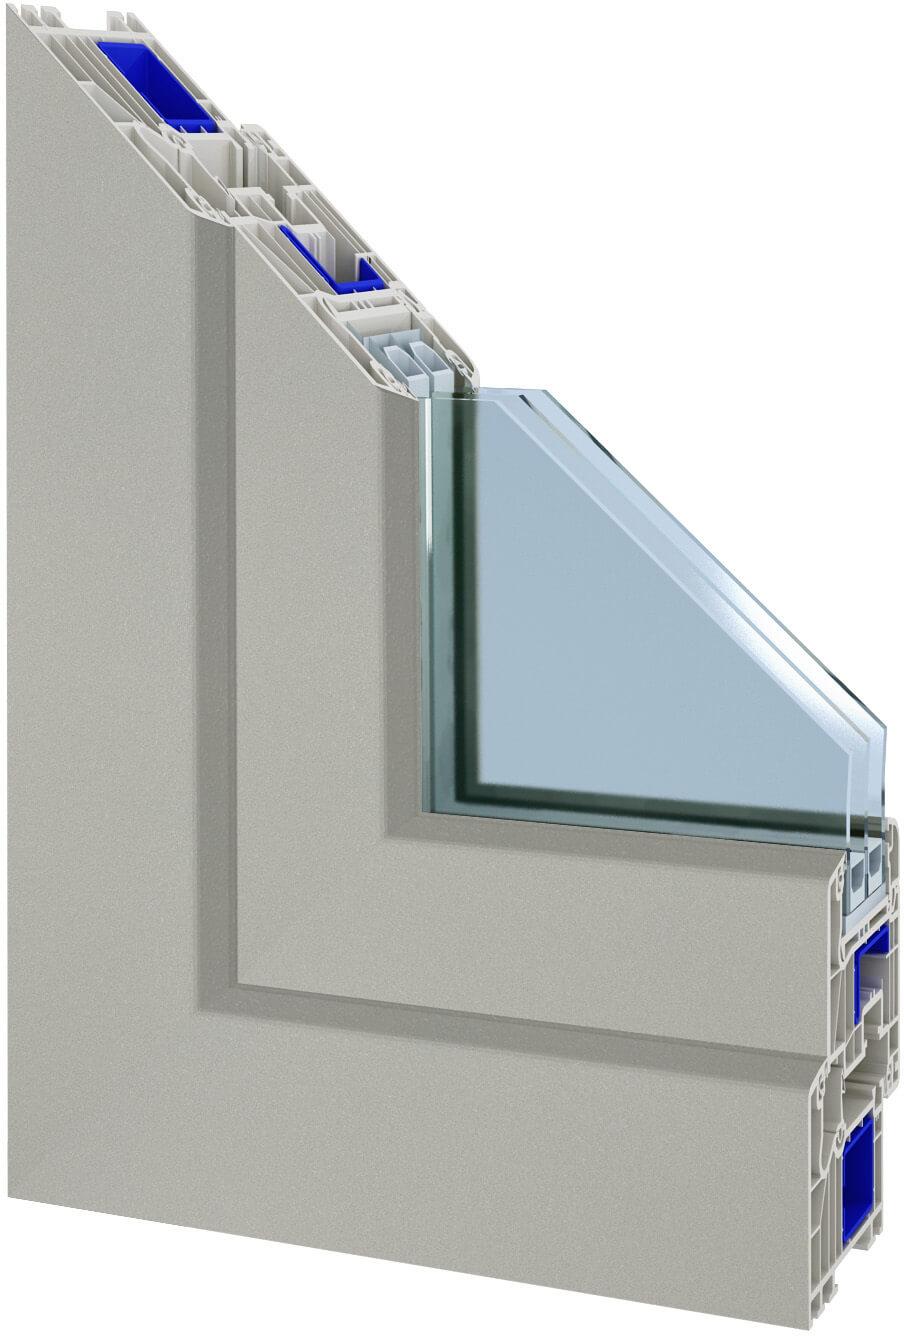 Schüco kunststofffenster farben  Kunststofffenster Schüco - Farbauswahl - Günstige Schüco Fenster ...